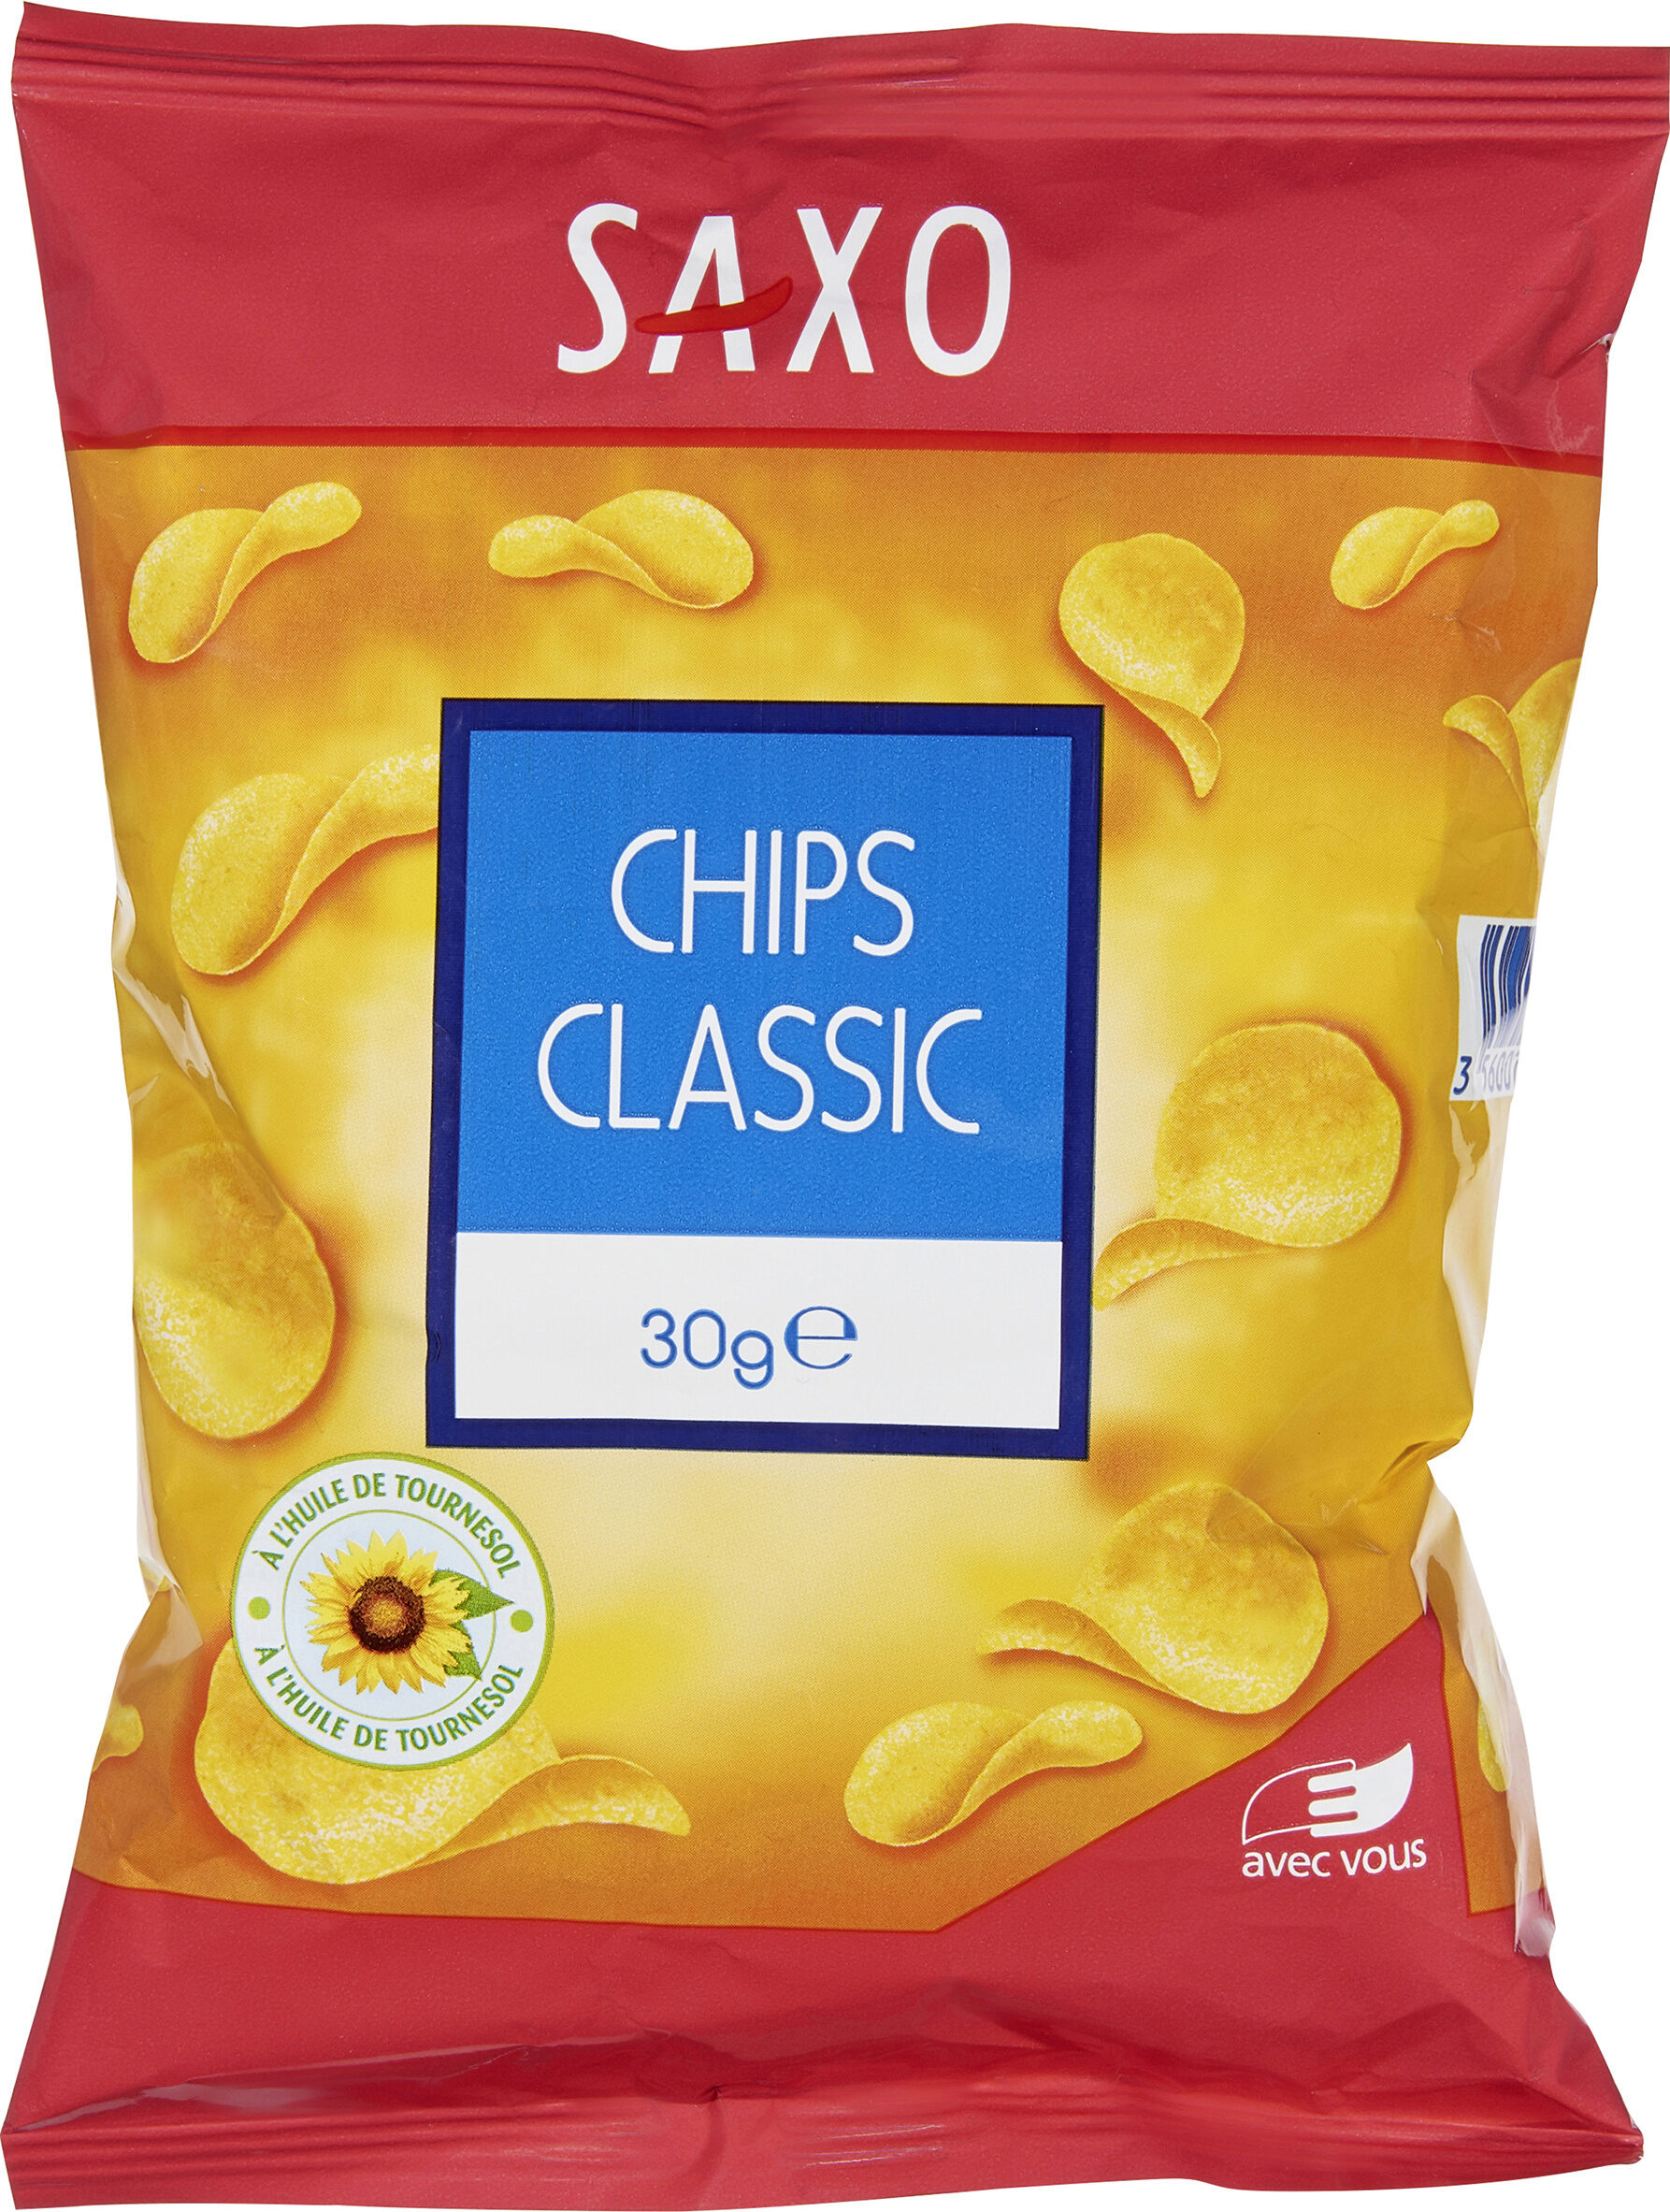 Saxo chips classic - Prodotto - fr